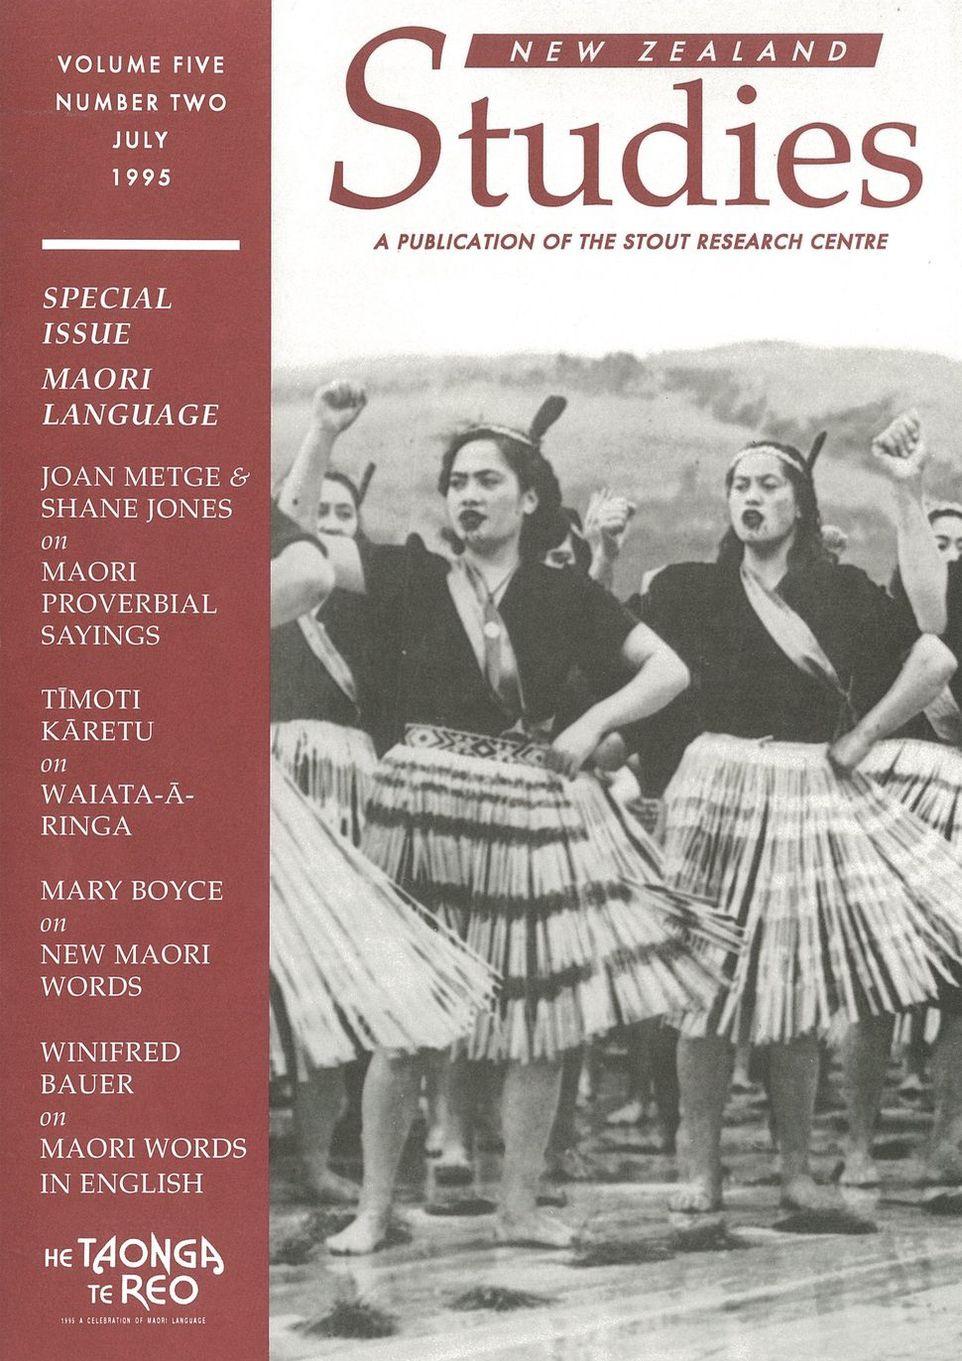 New Zealand Studies 1995 Vol.5 No.2